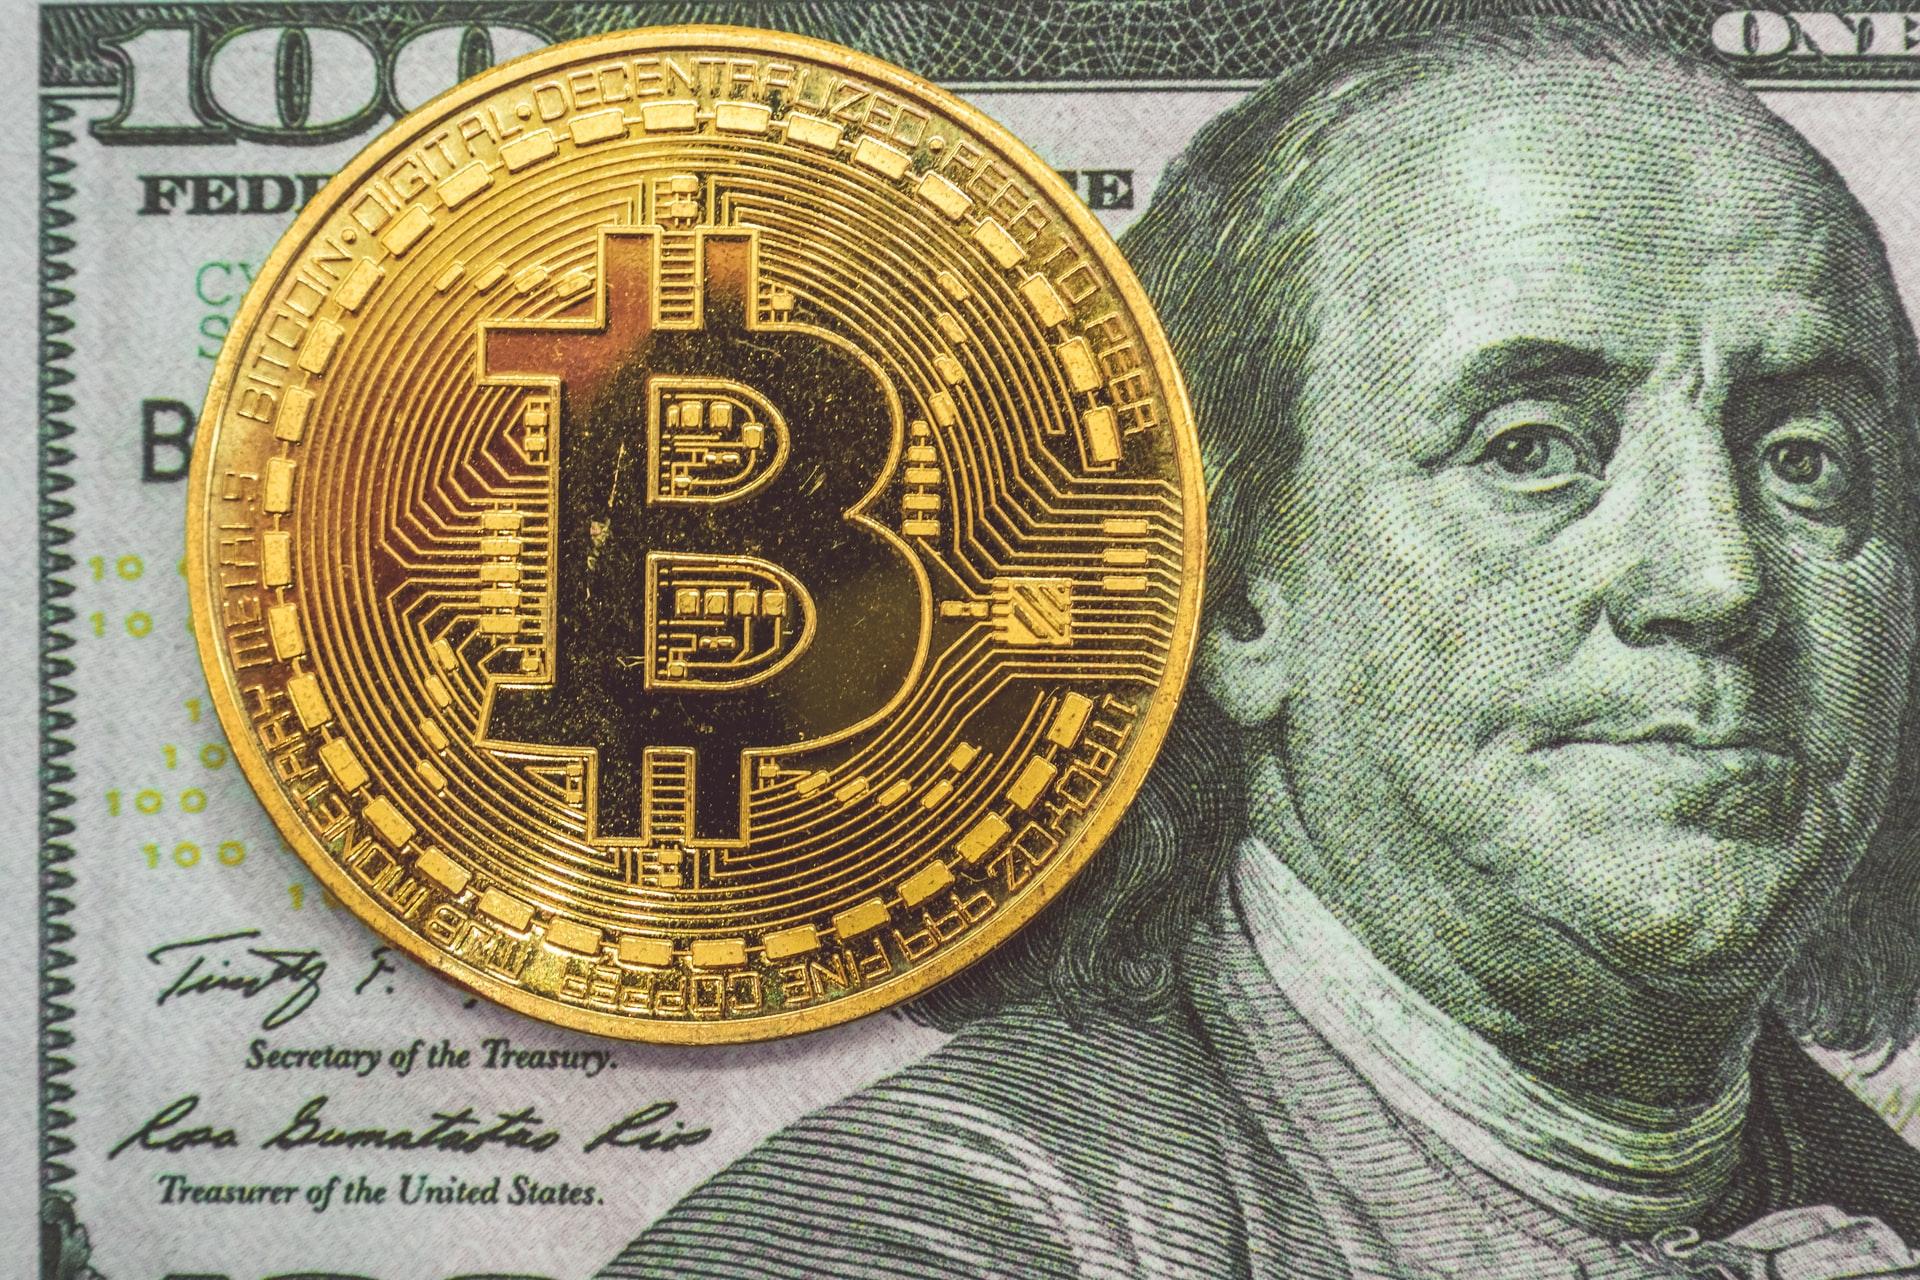 ビットコイン初めての取引は?価格はいくらだったのか? | 貧乏サラリーマンがネットで5千万円稼ぎ自由になったストーリー